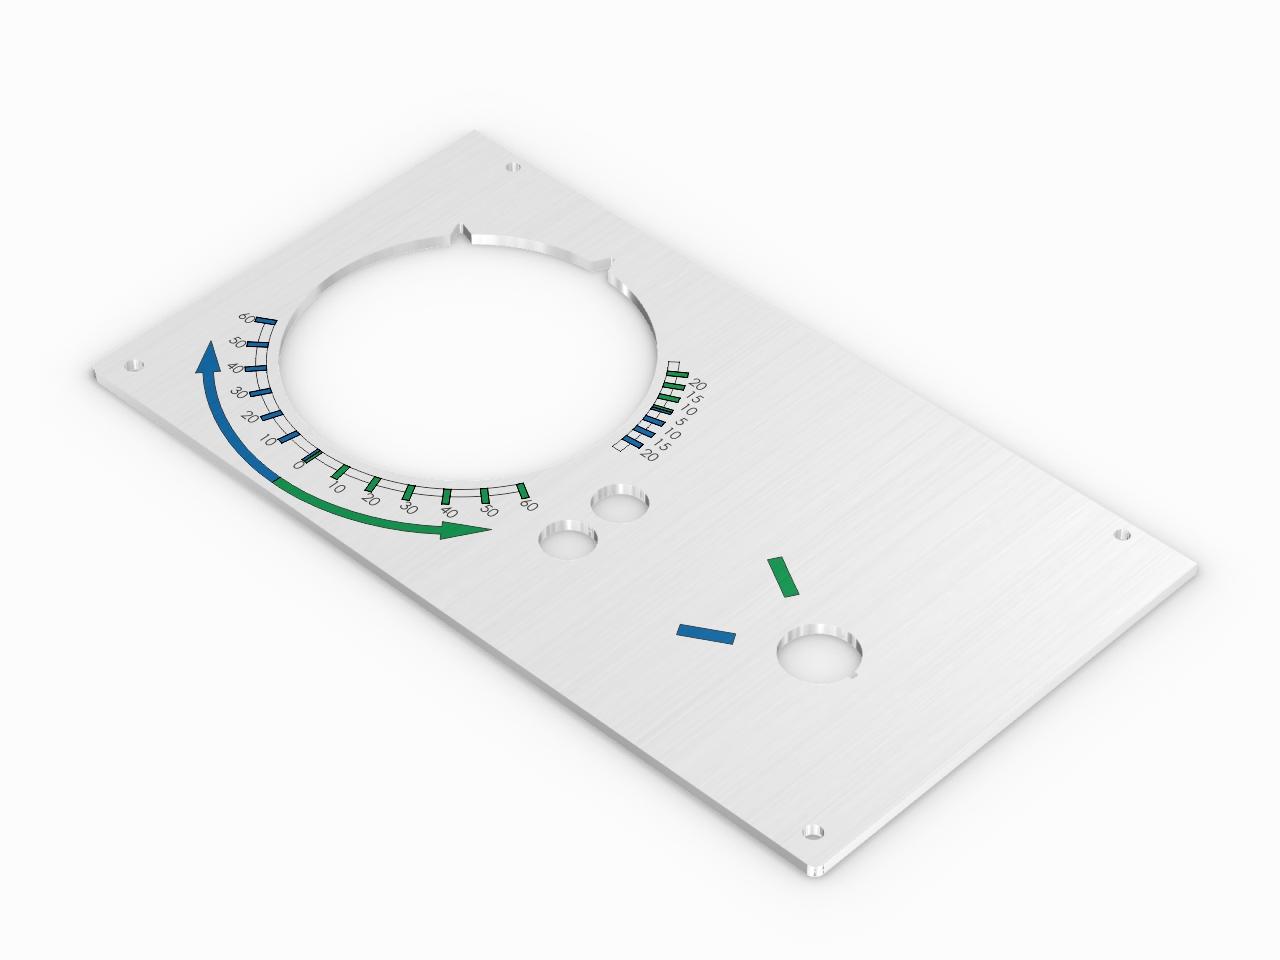 Aluminiowy panel do sterowania natężeniem i zasilaniem